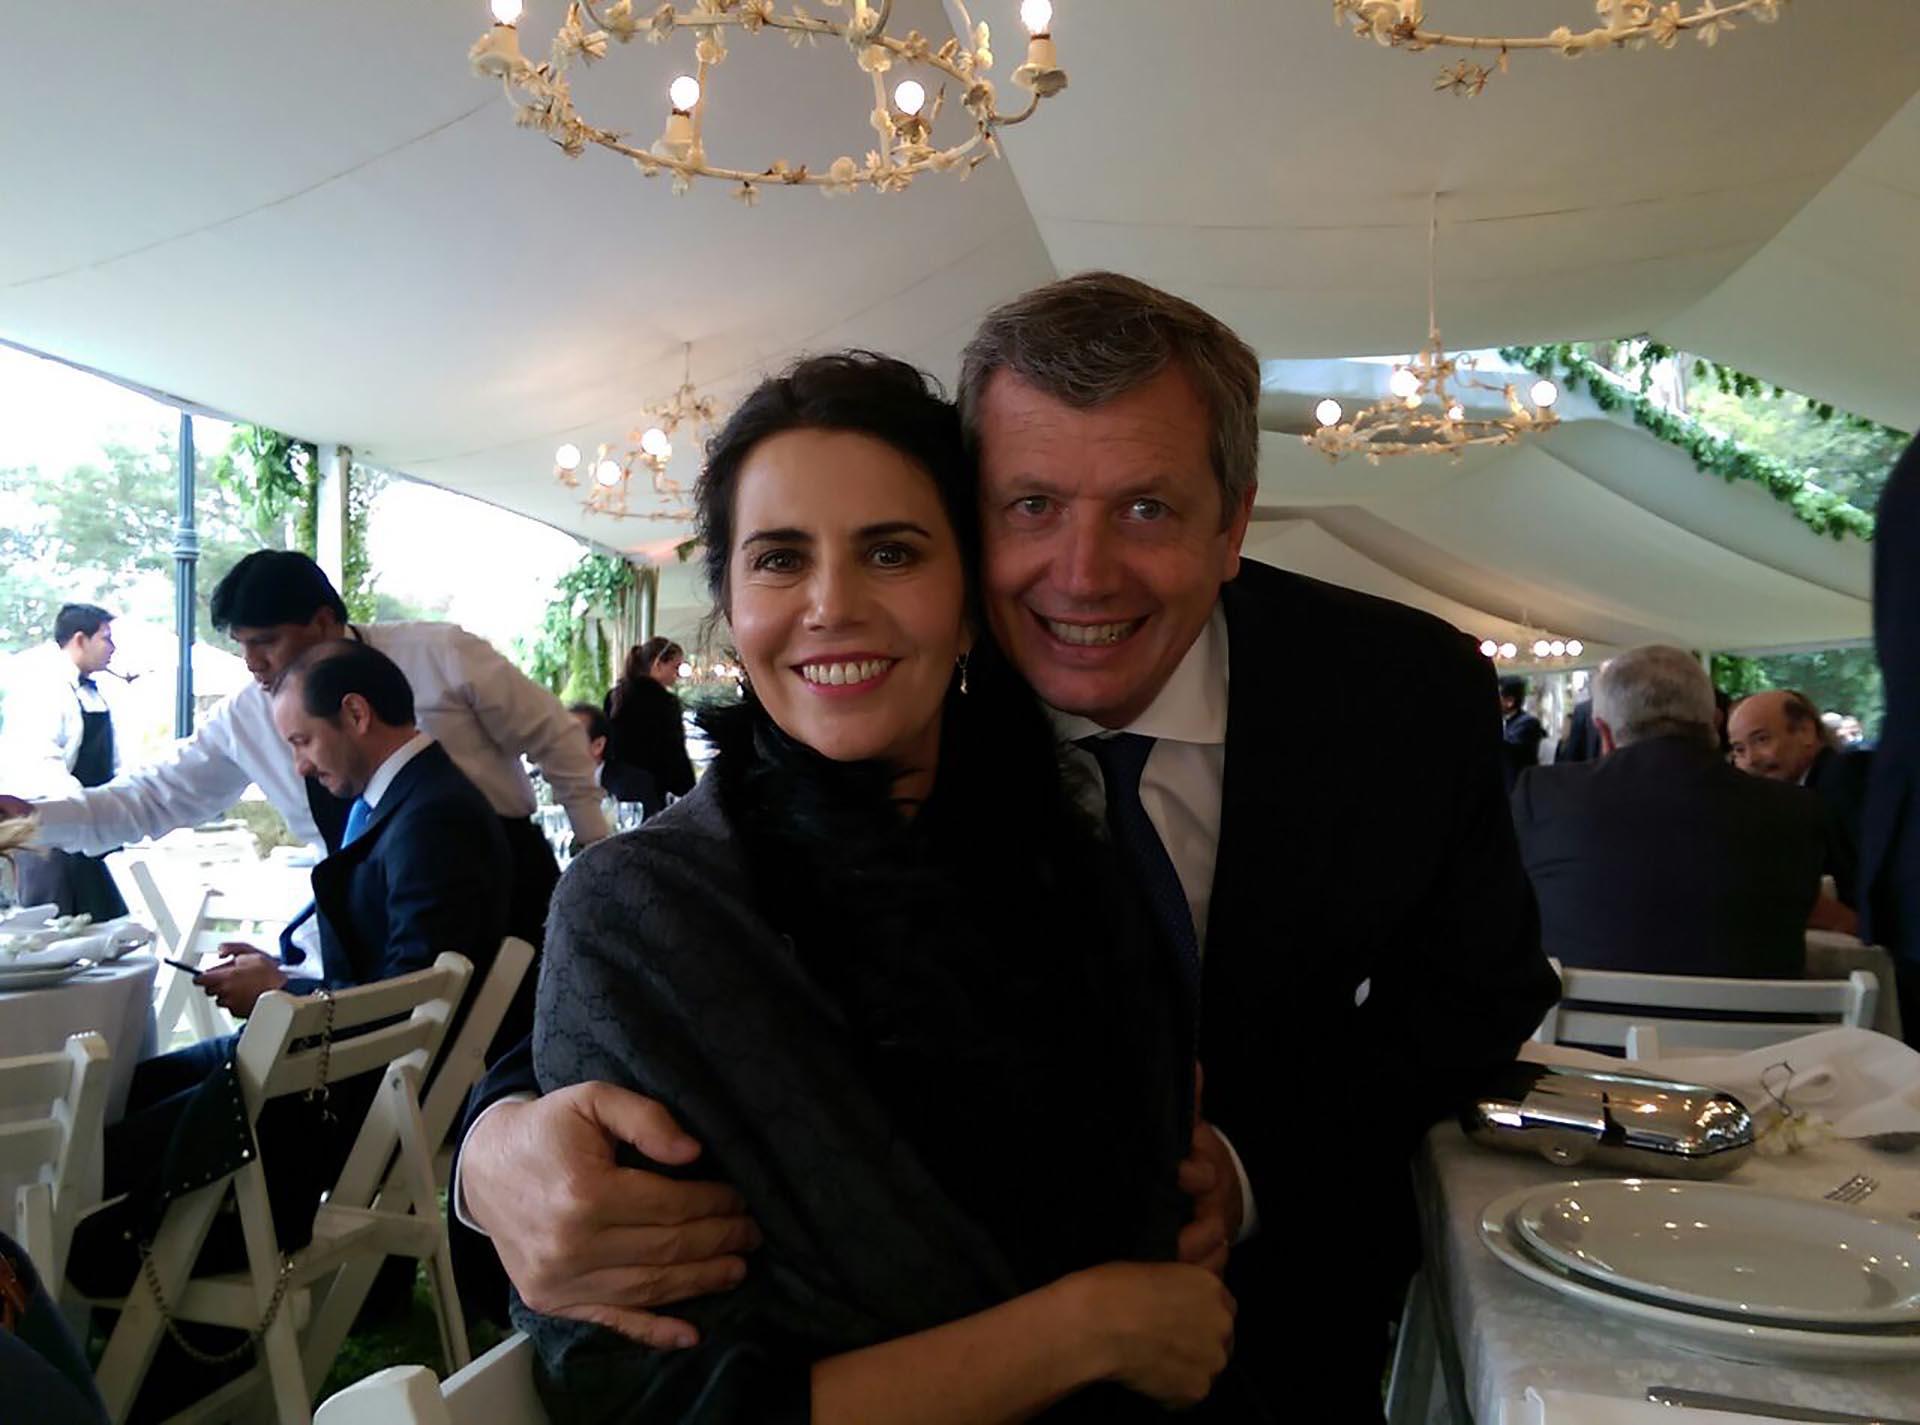 El presidente de la Cámara de Diputados Emilio Monzó y su esposa Karen Sánchez